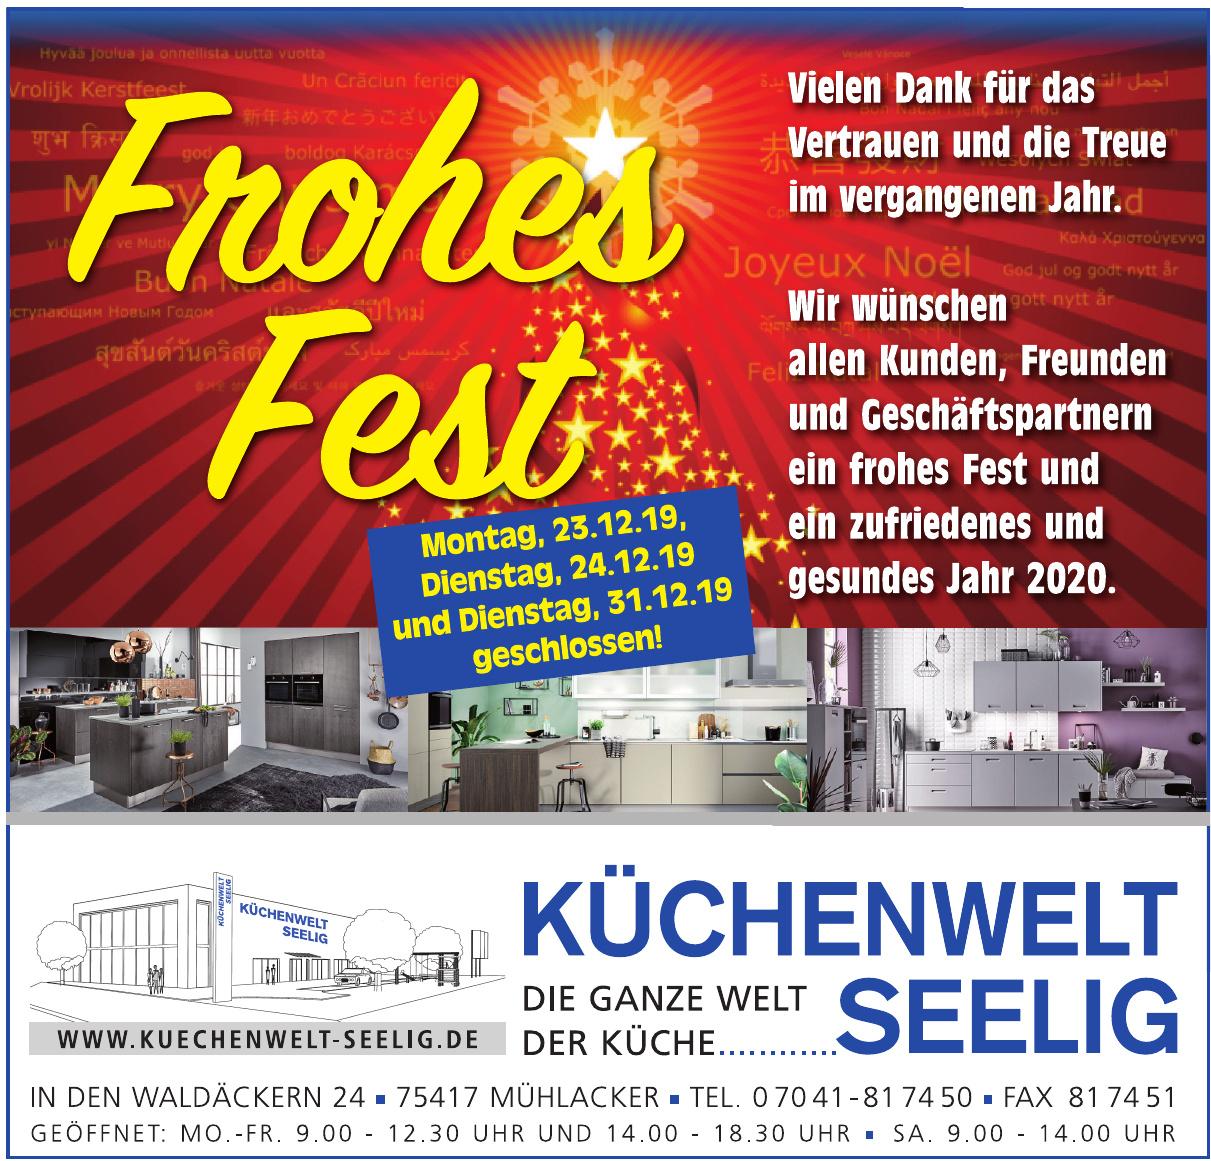 Küchenwelt Seelig GmbH